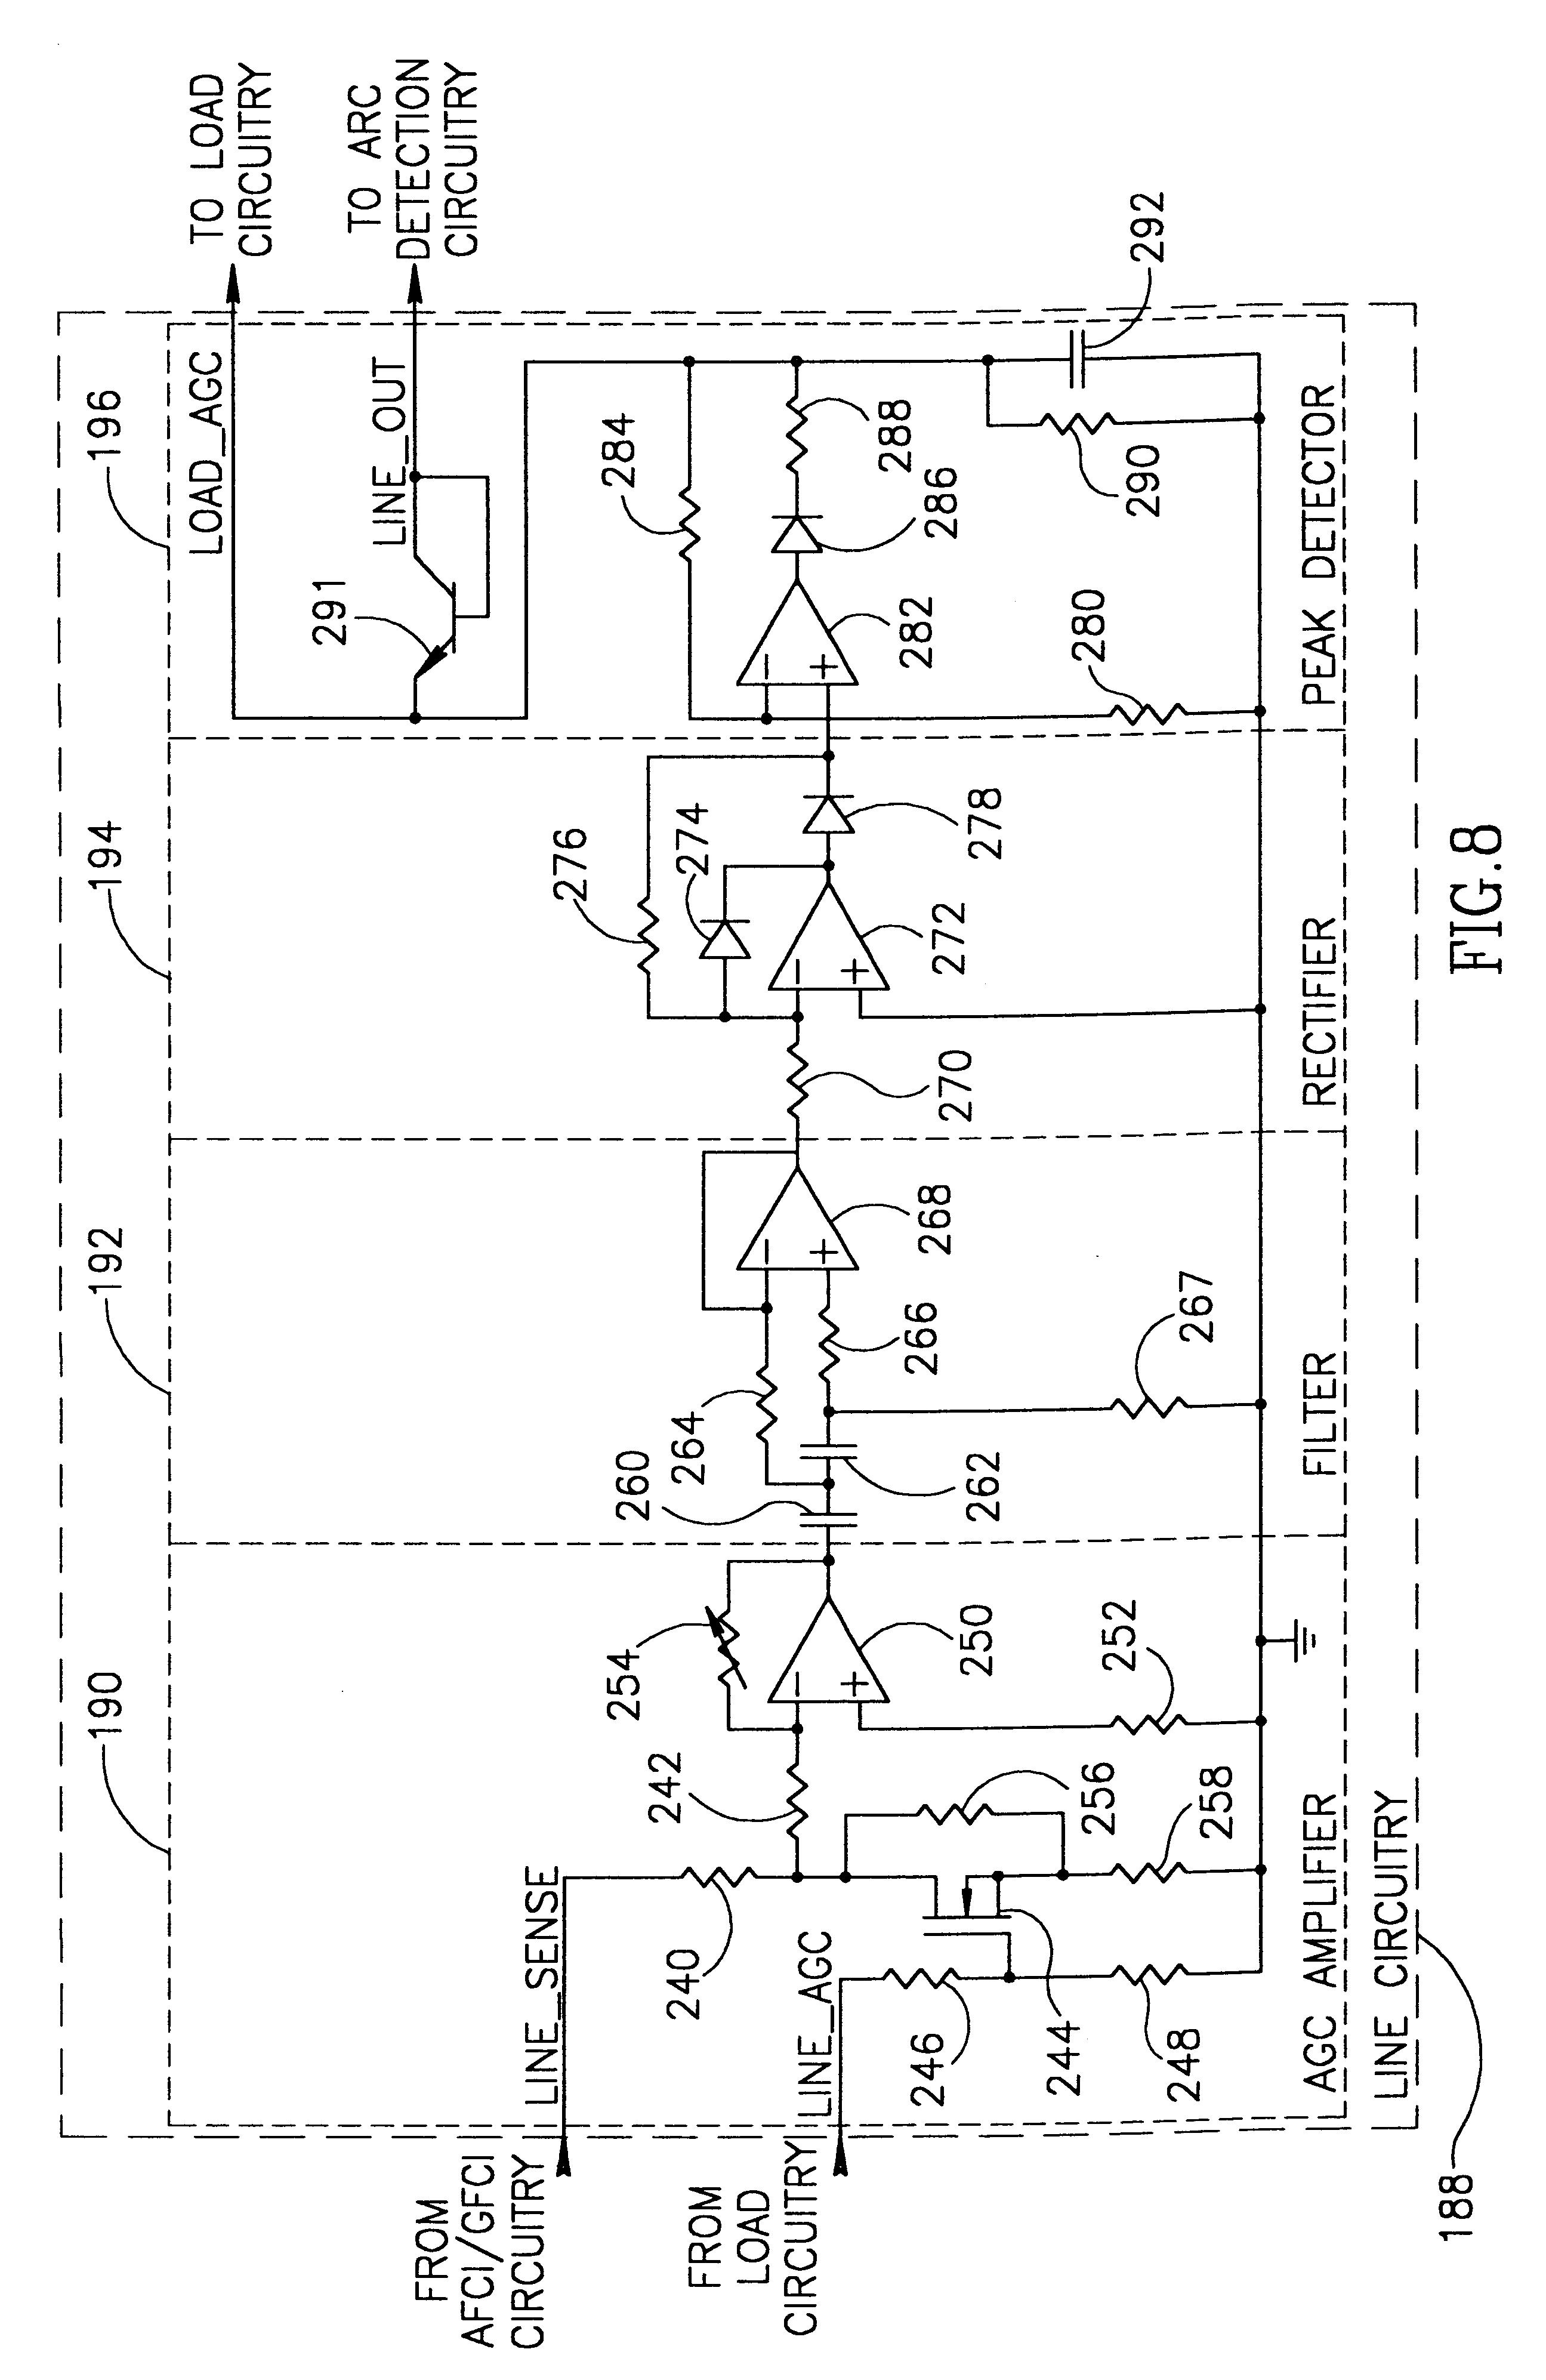 patent us6339525